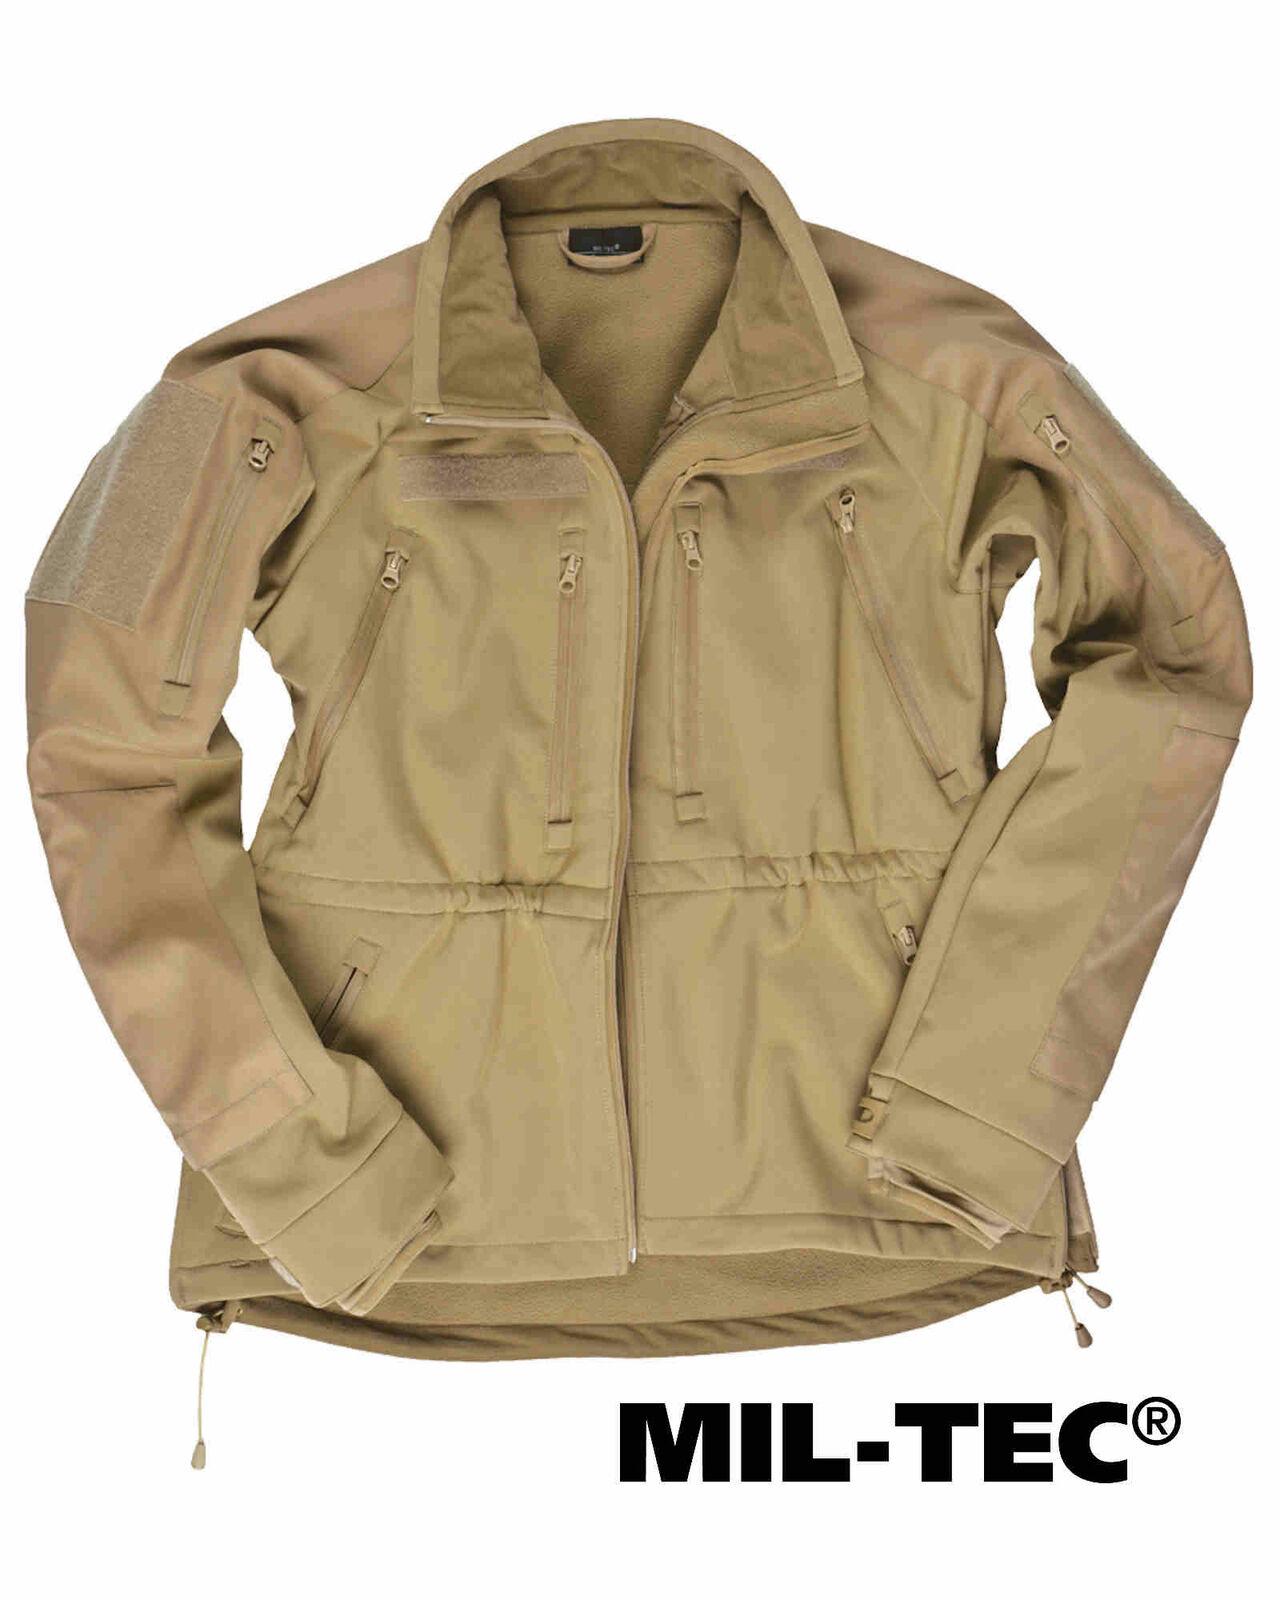 Mil-tec  Softshell chaqueta mil-tec plus coyote softshell  en venta en línea